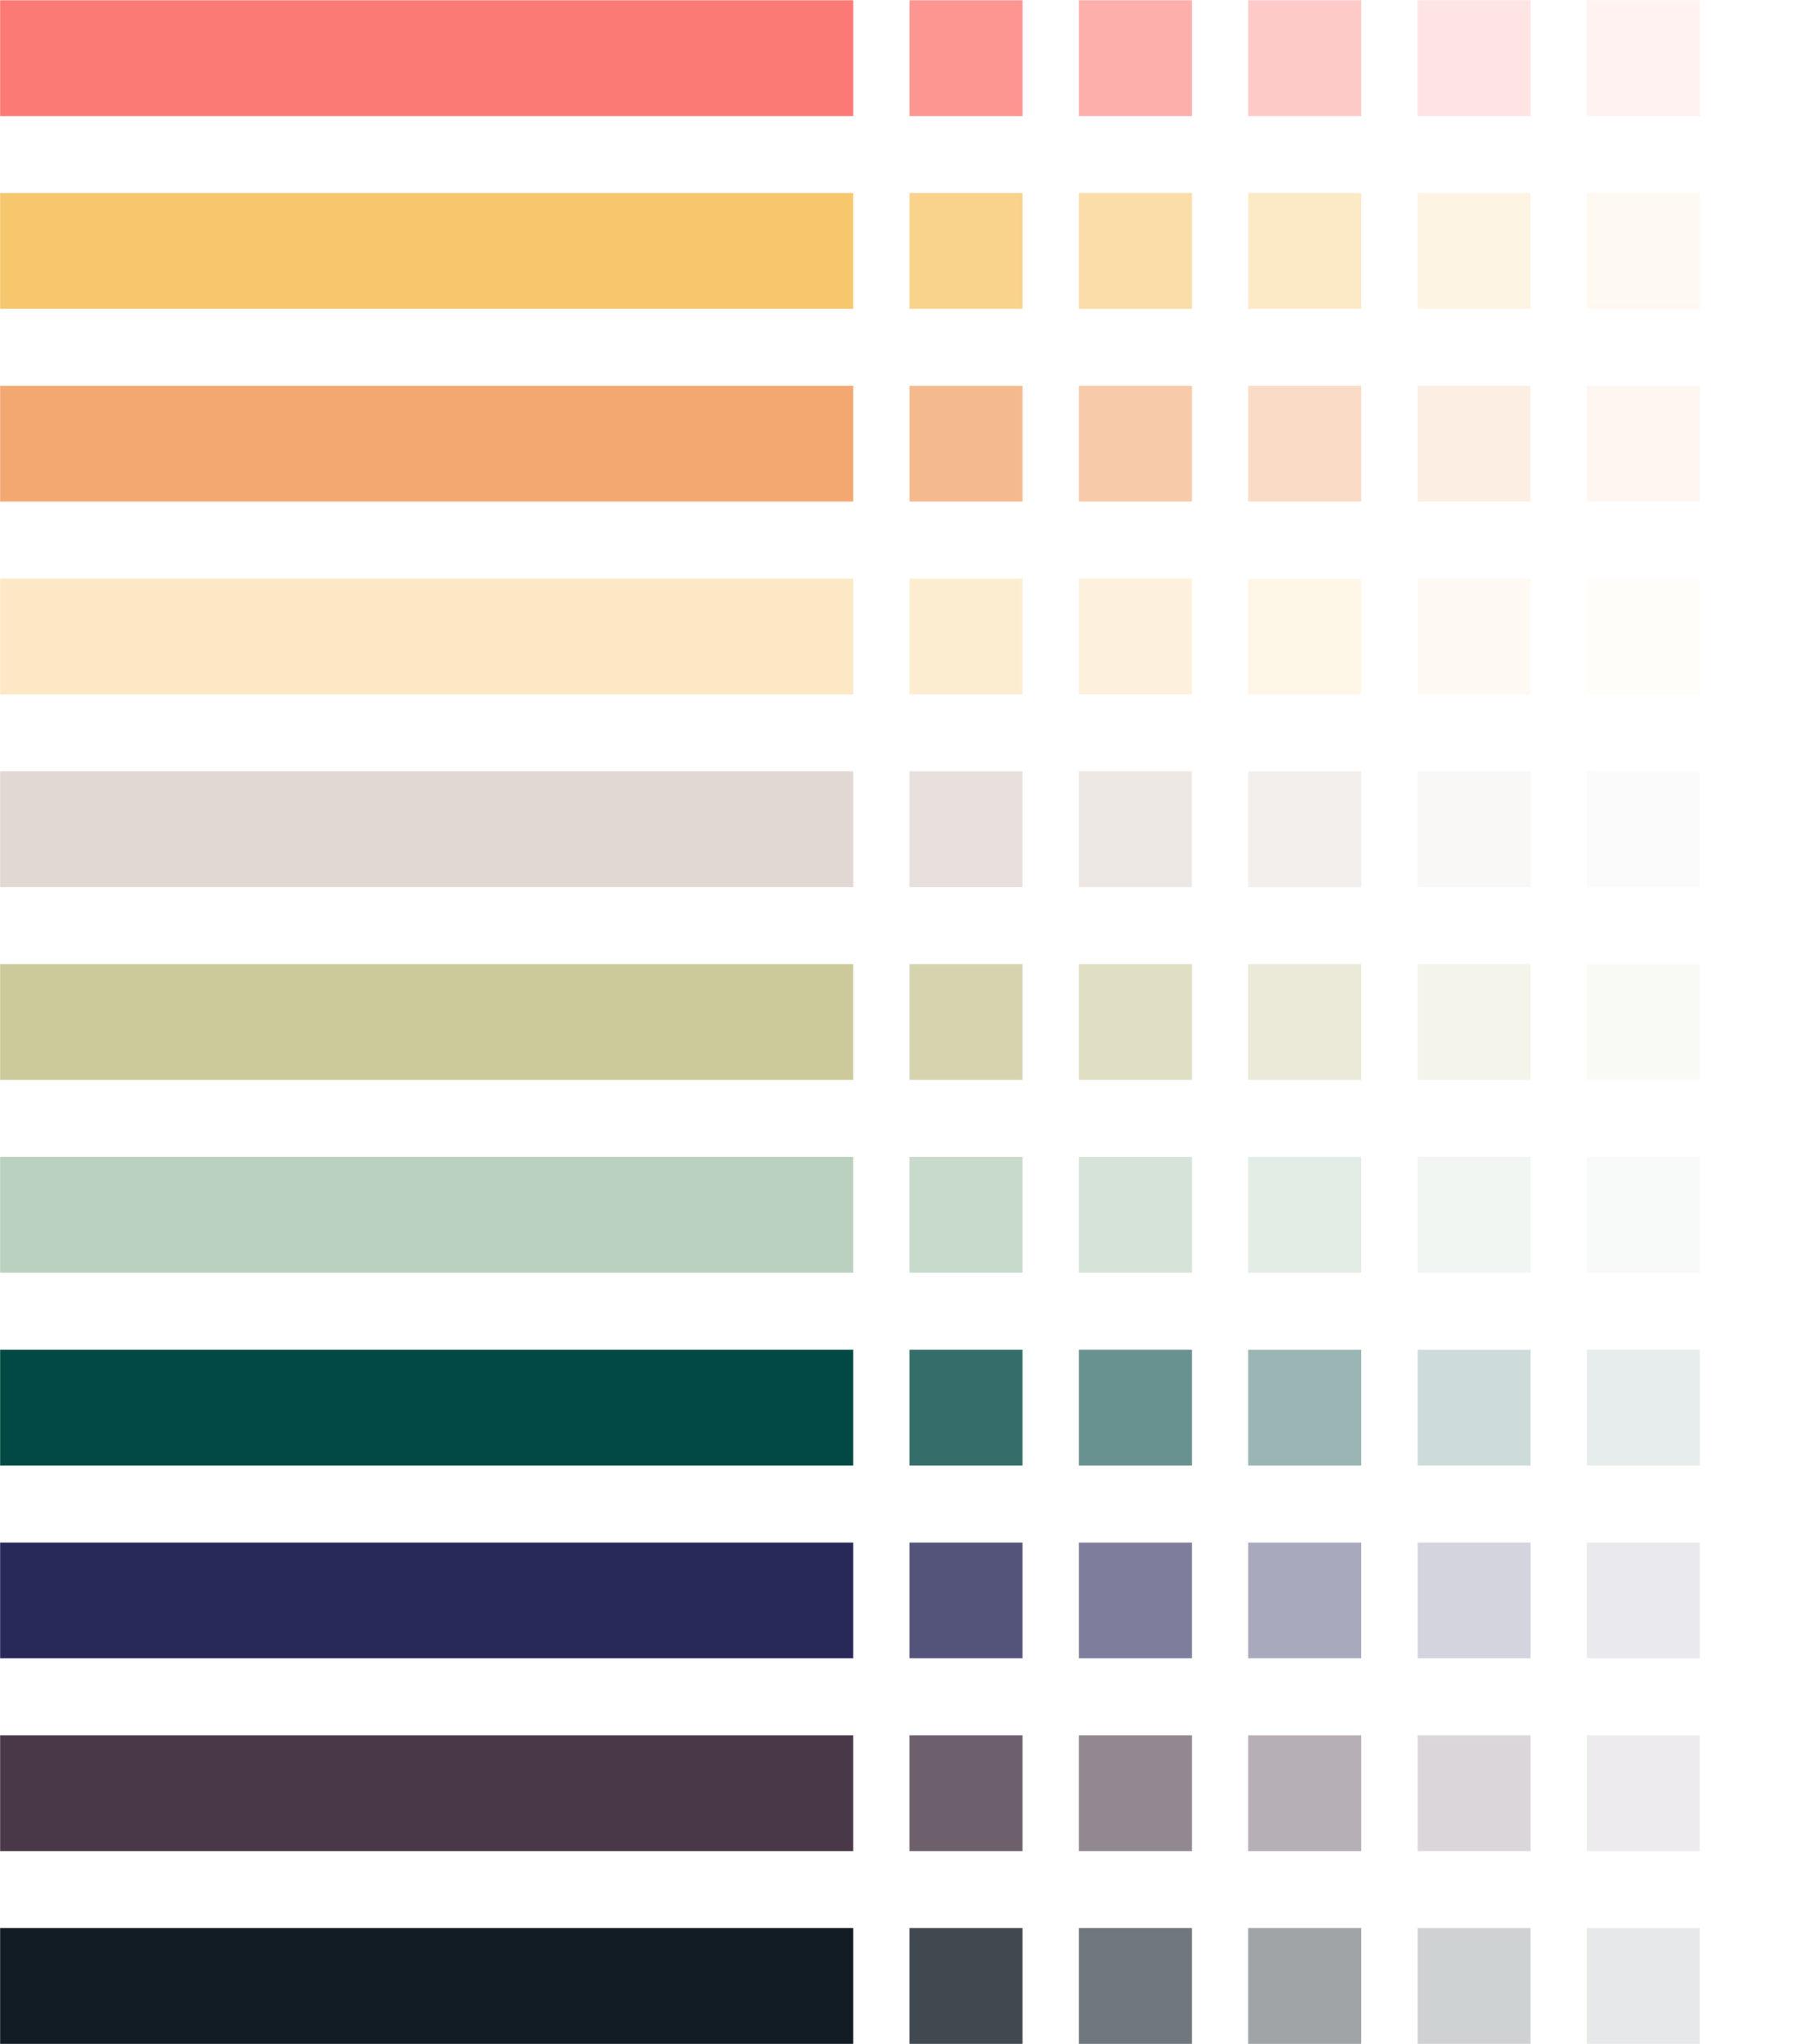 Katholische Hochschulgemeinde Düsseldorf Corporate Design Brand Manual Farbabstufungen